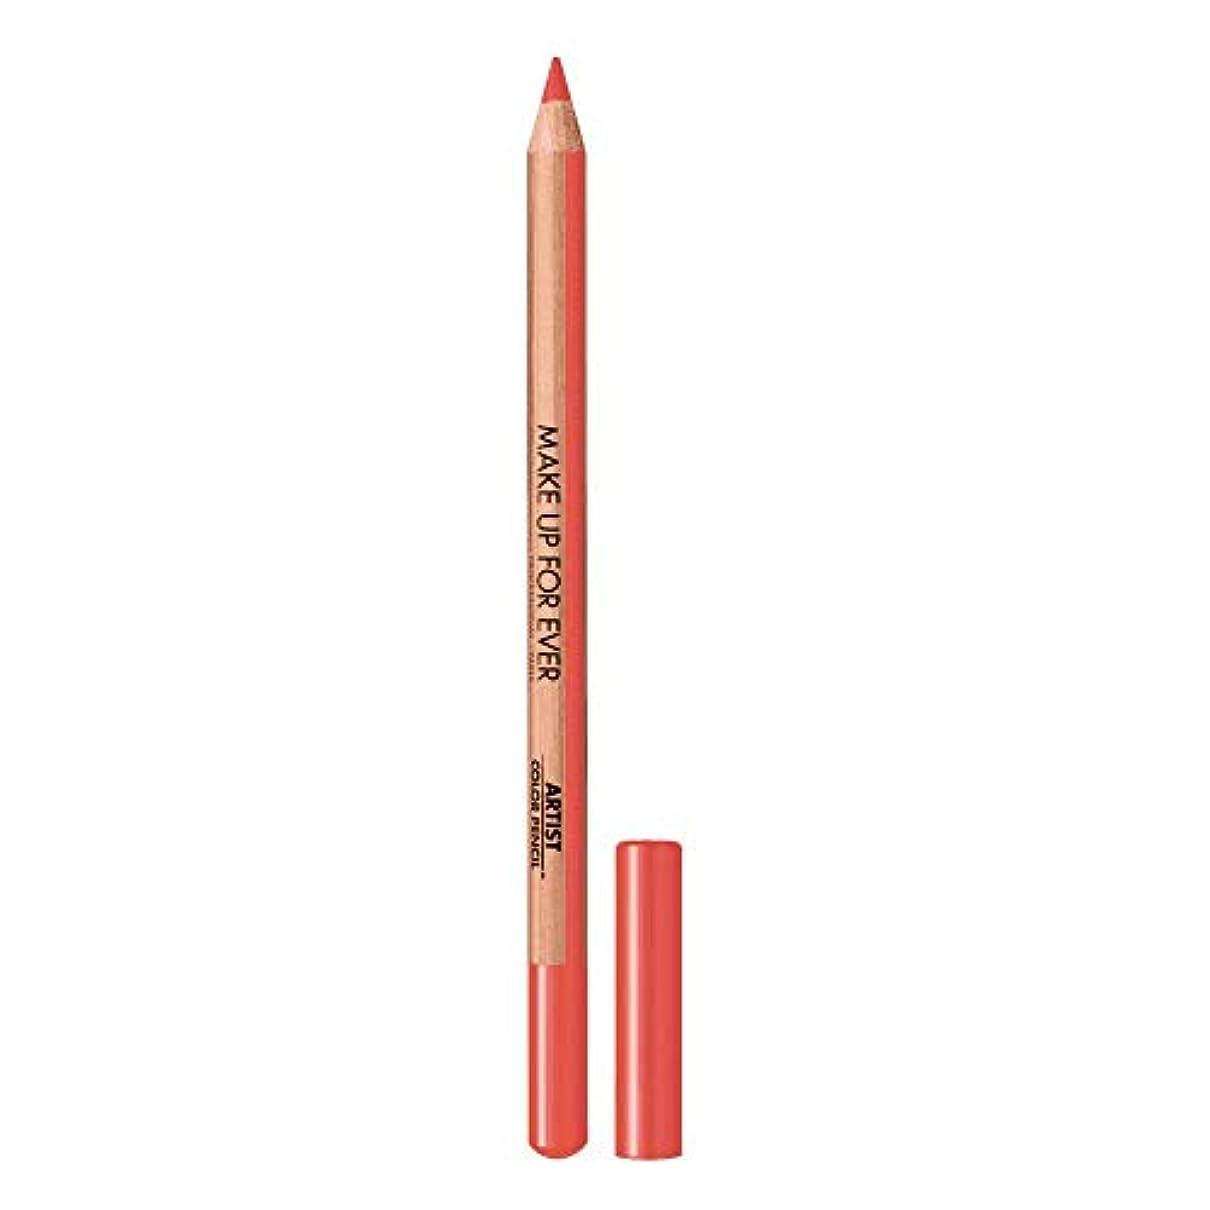 番目モニカブラジャーメイクアップフォーエバー Artist Color Pencil - # 700 Wichever Coral 1.41g/0.04oz並行輸入品